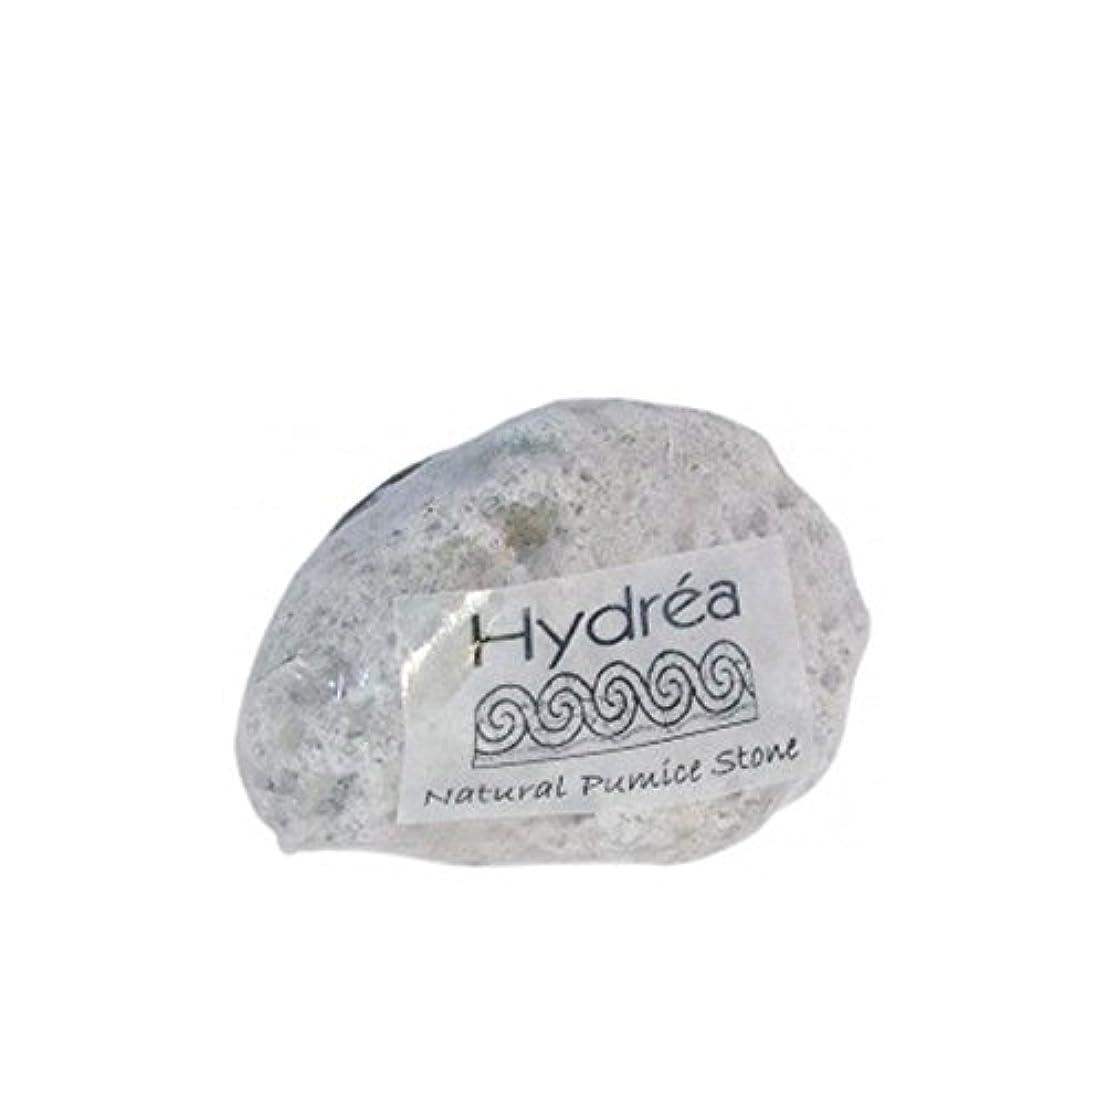 怒り大洪水アレンジHydrea London - Natural Pumice Stone (Pack of 6) - ハイドレアロンドン - 自然軽石 x6 [並行輸入品]